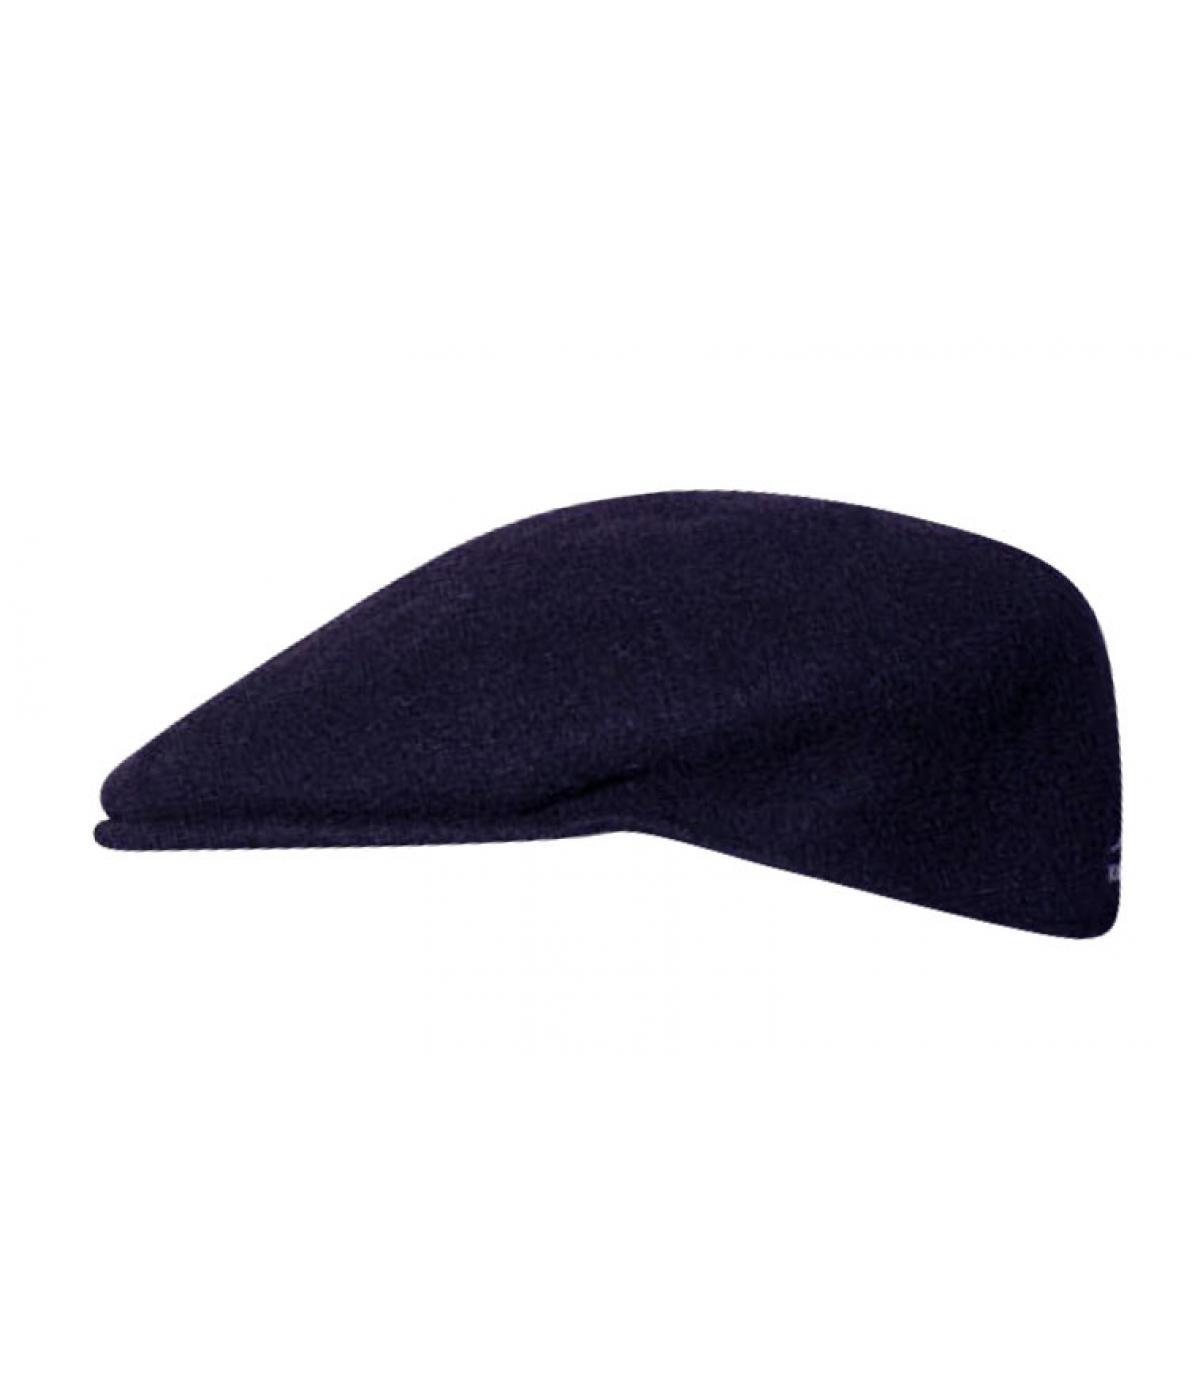 Details 504 wool navy - afbeeling 2